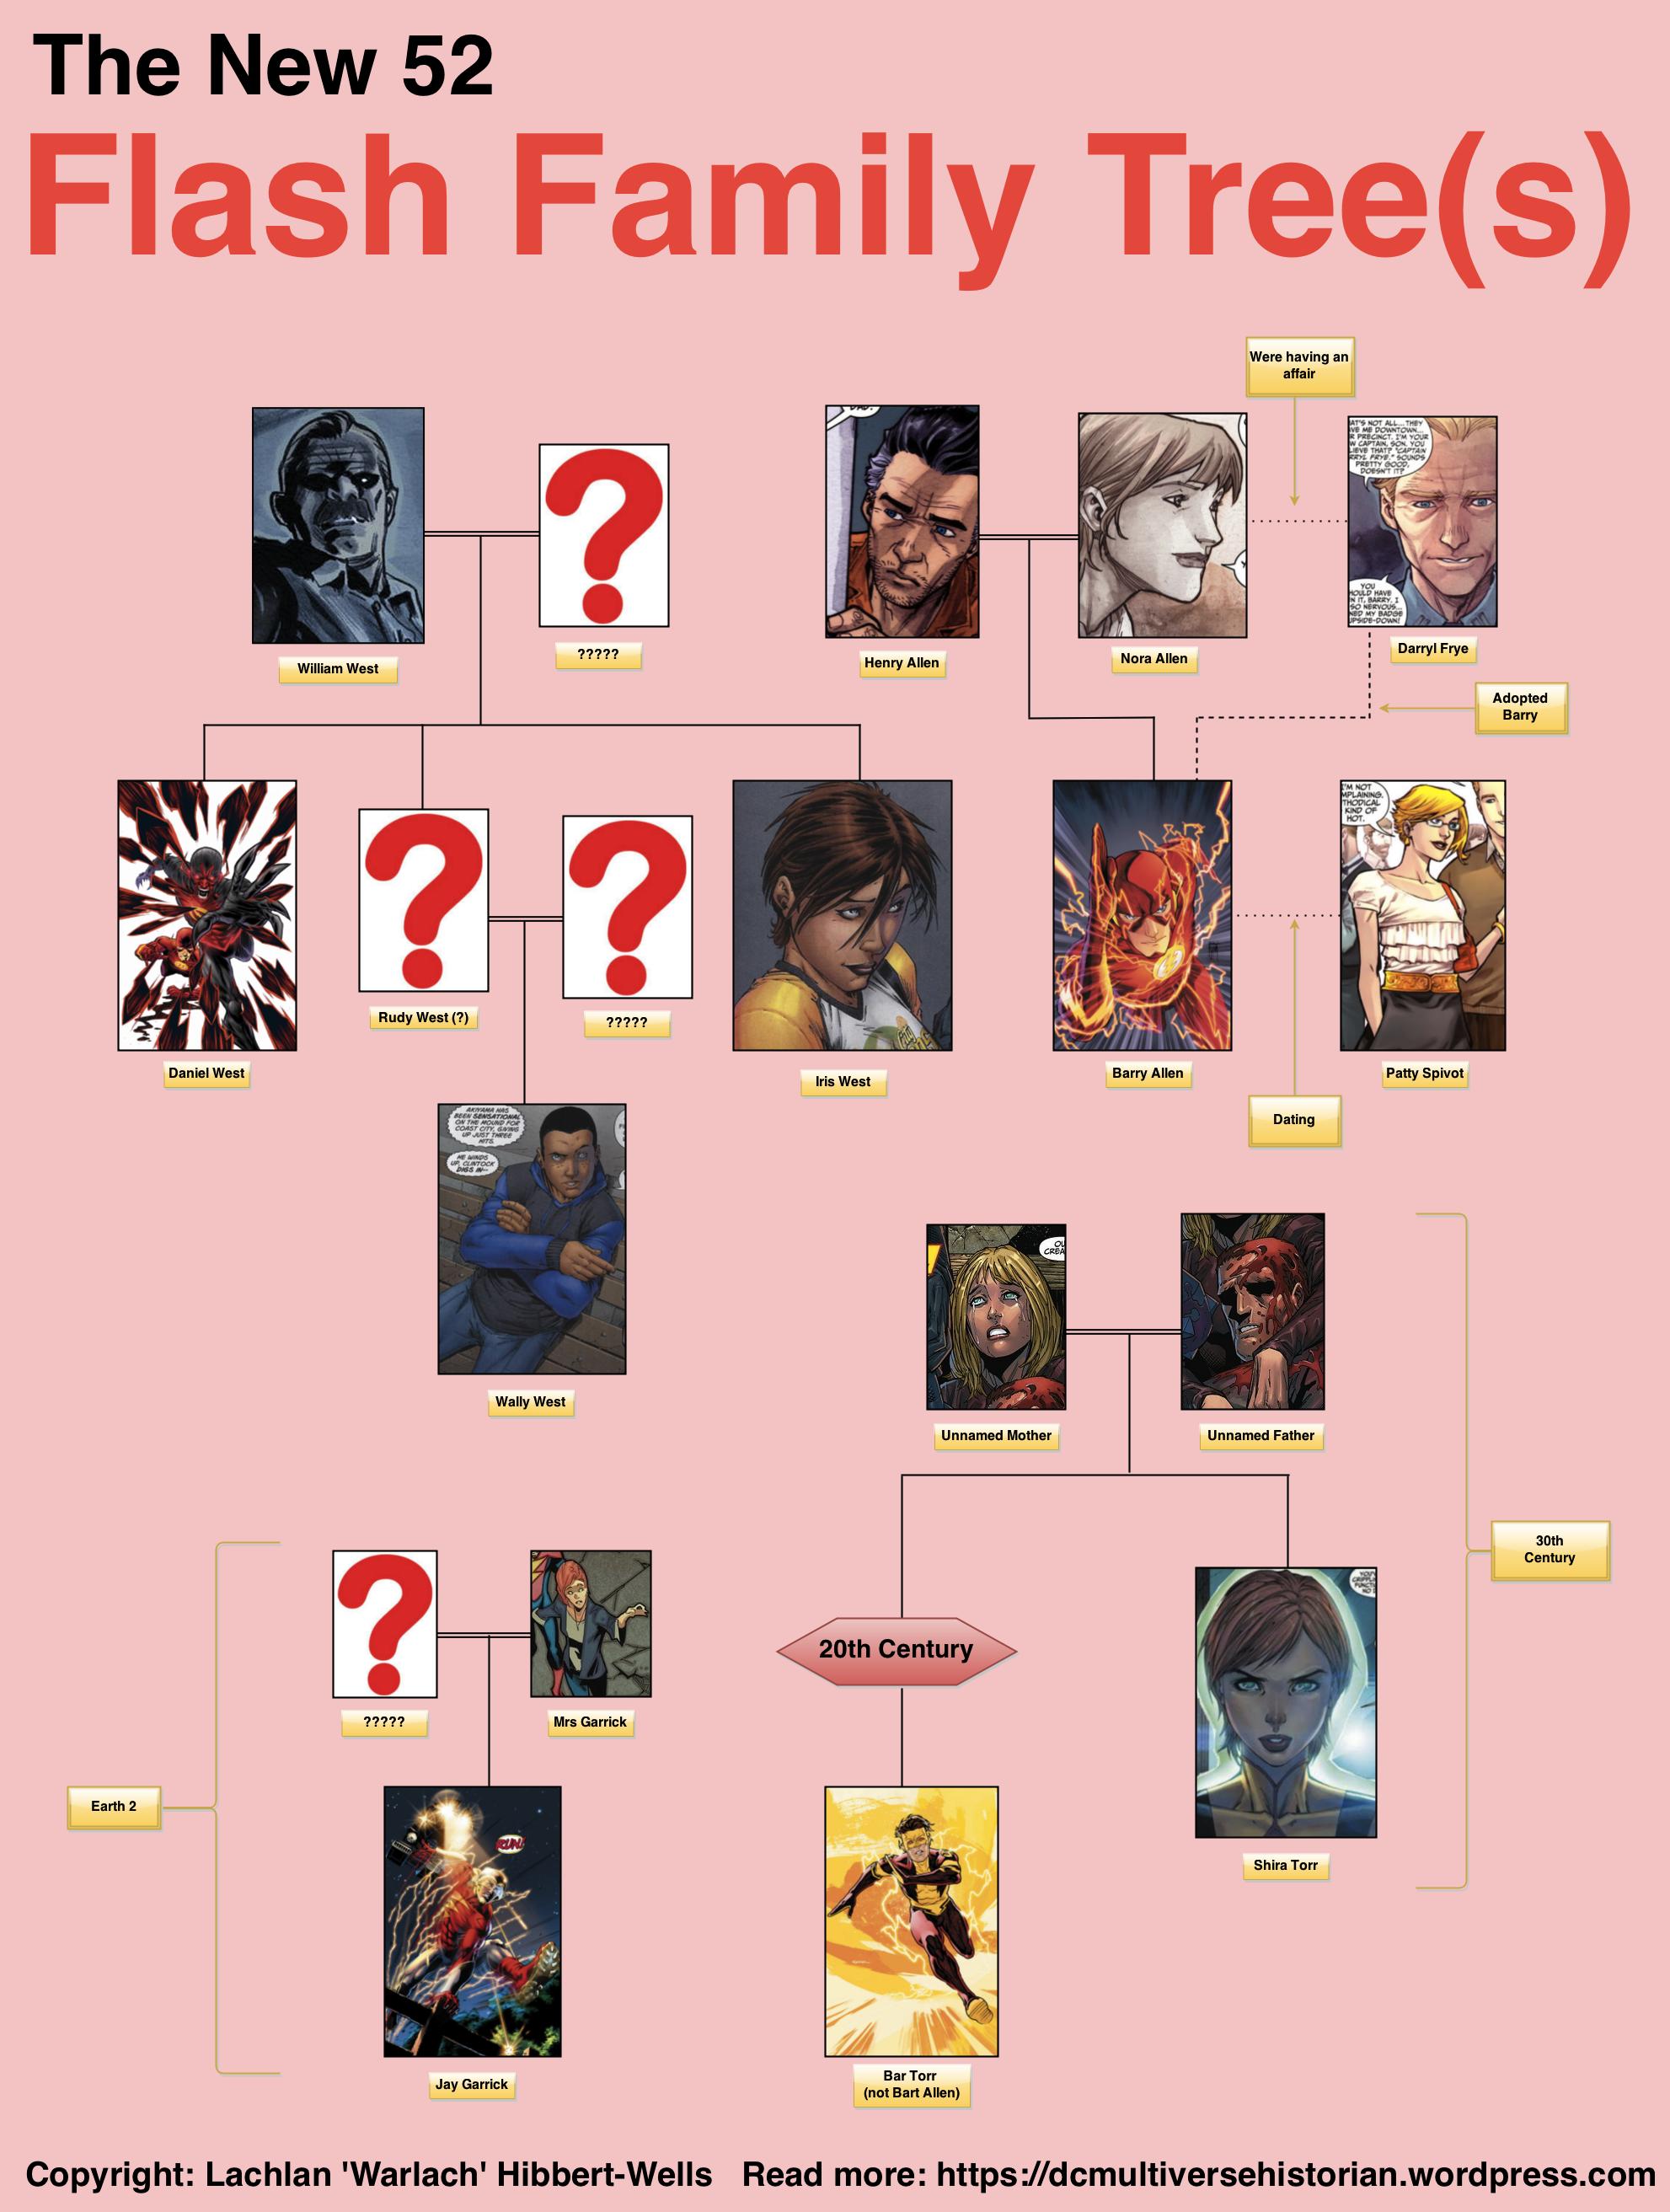 Flash Family Tree - New 52